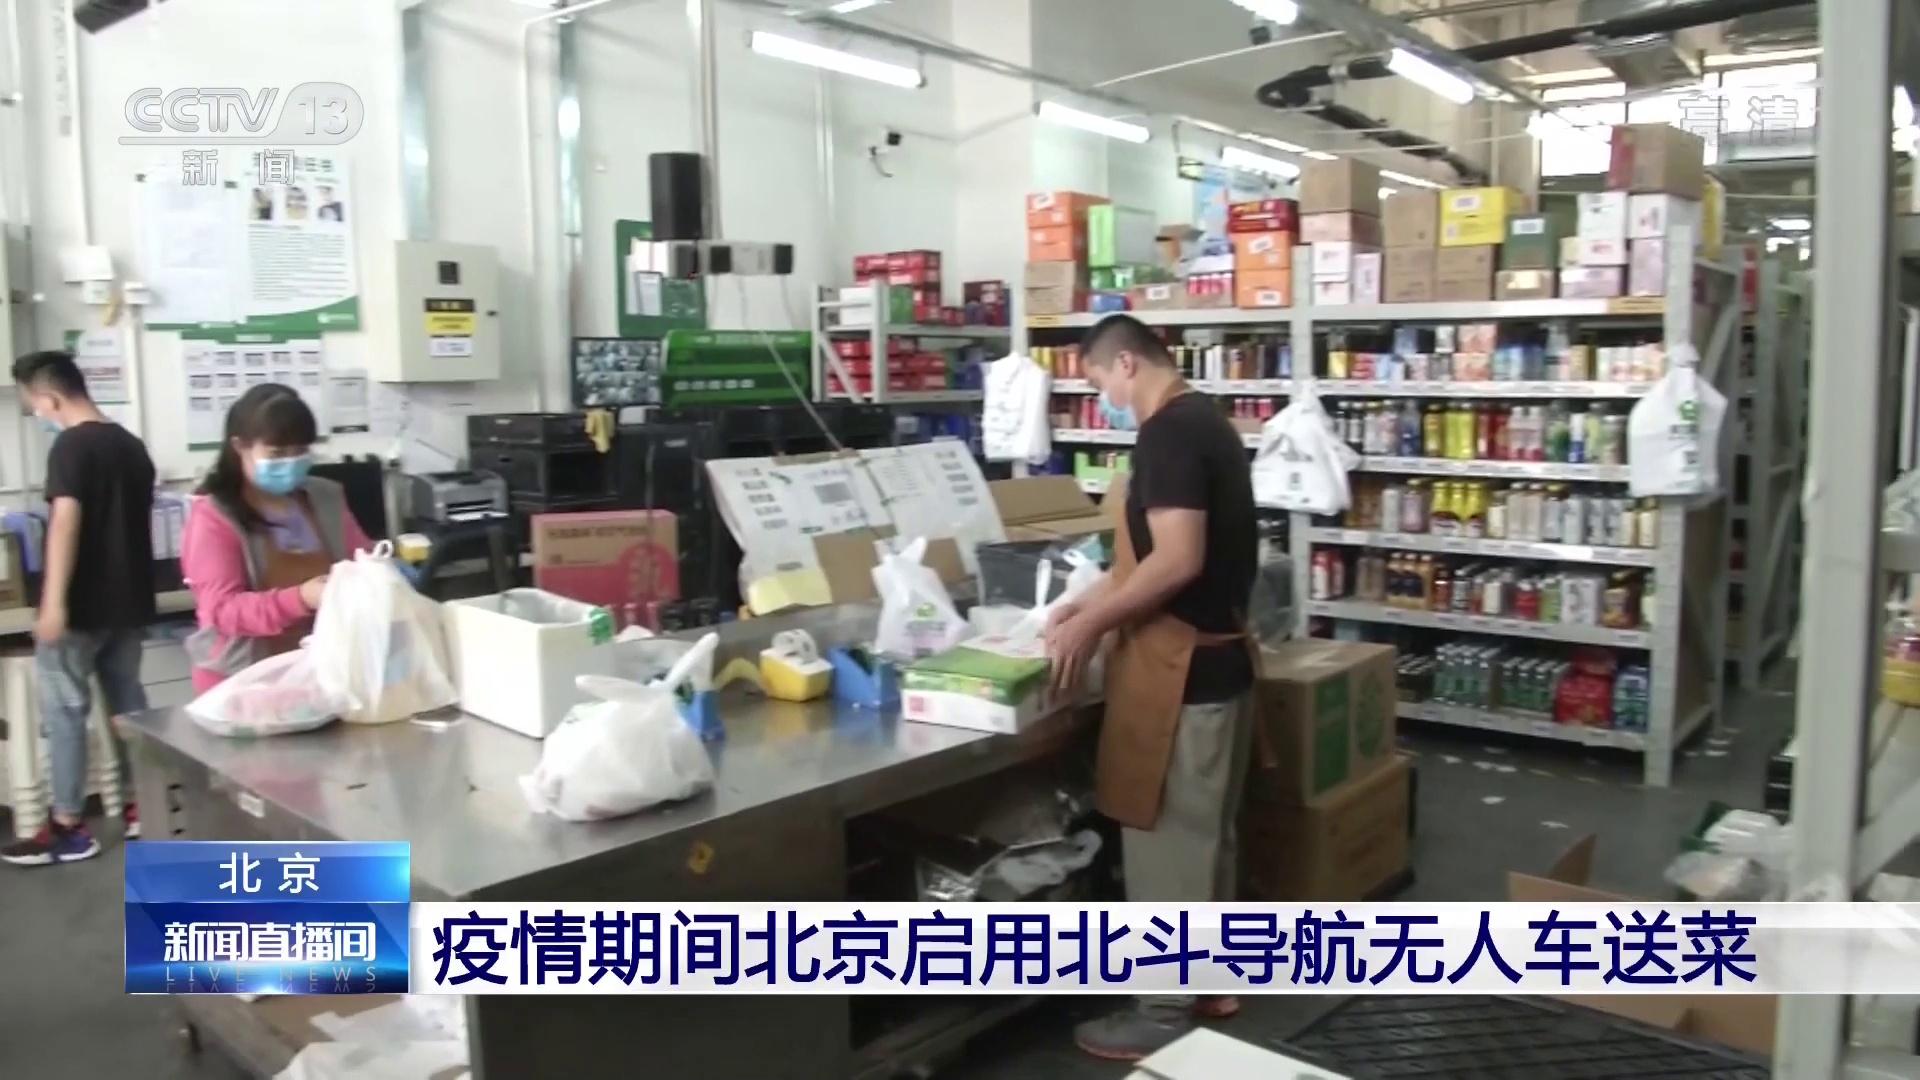 疫情期间北京启用北斗导航无人车送菜